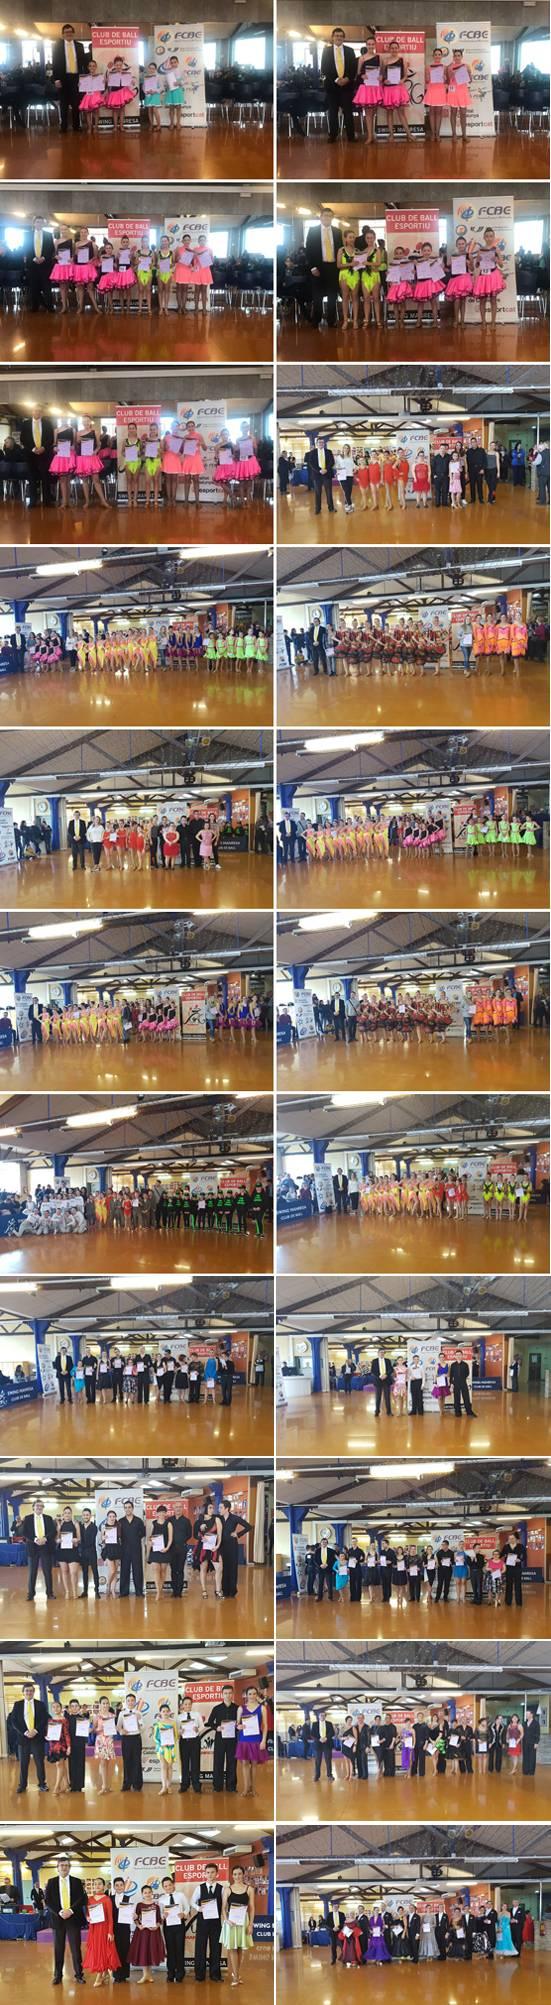 3a Prova Circuit Ball Esportiu Català. Team Swing. Imatges      Federació Catalana de Ball Esportiu